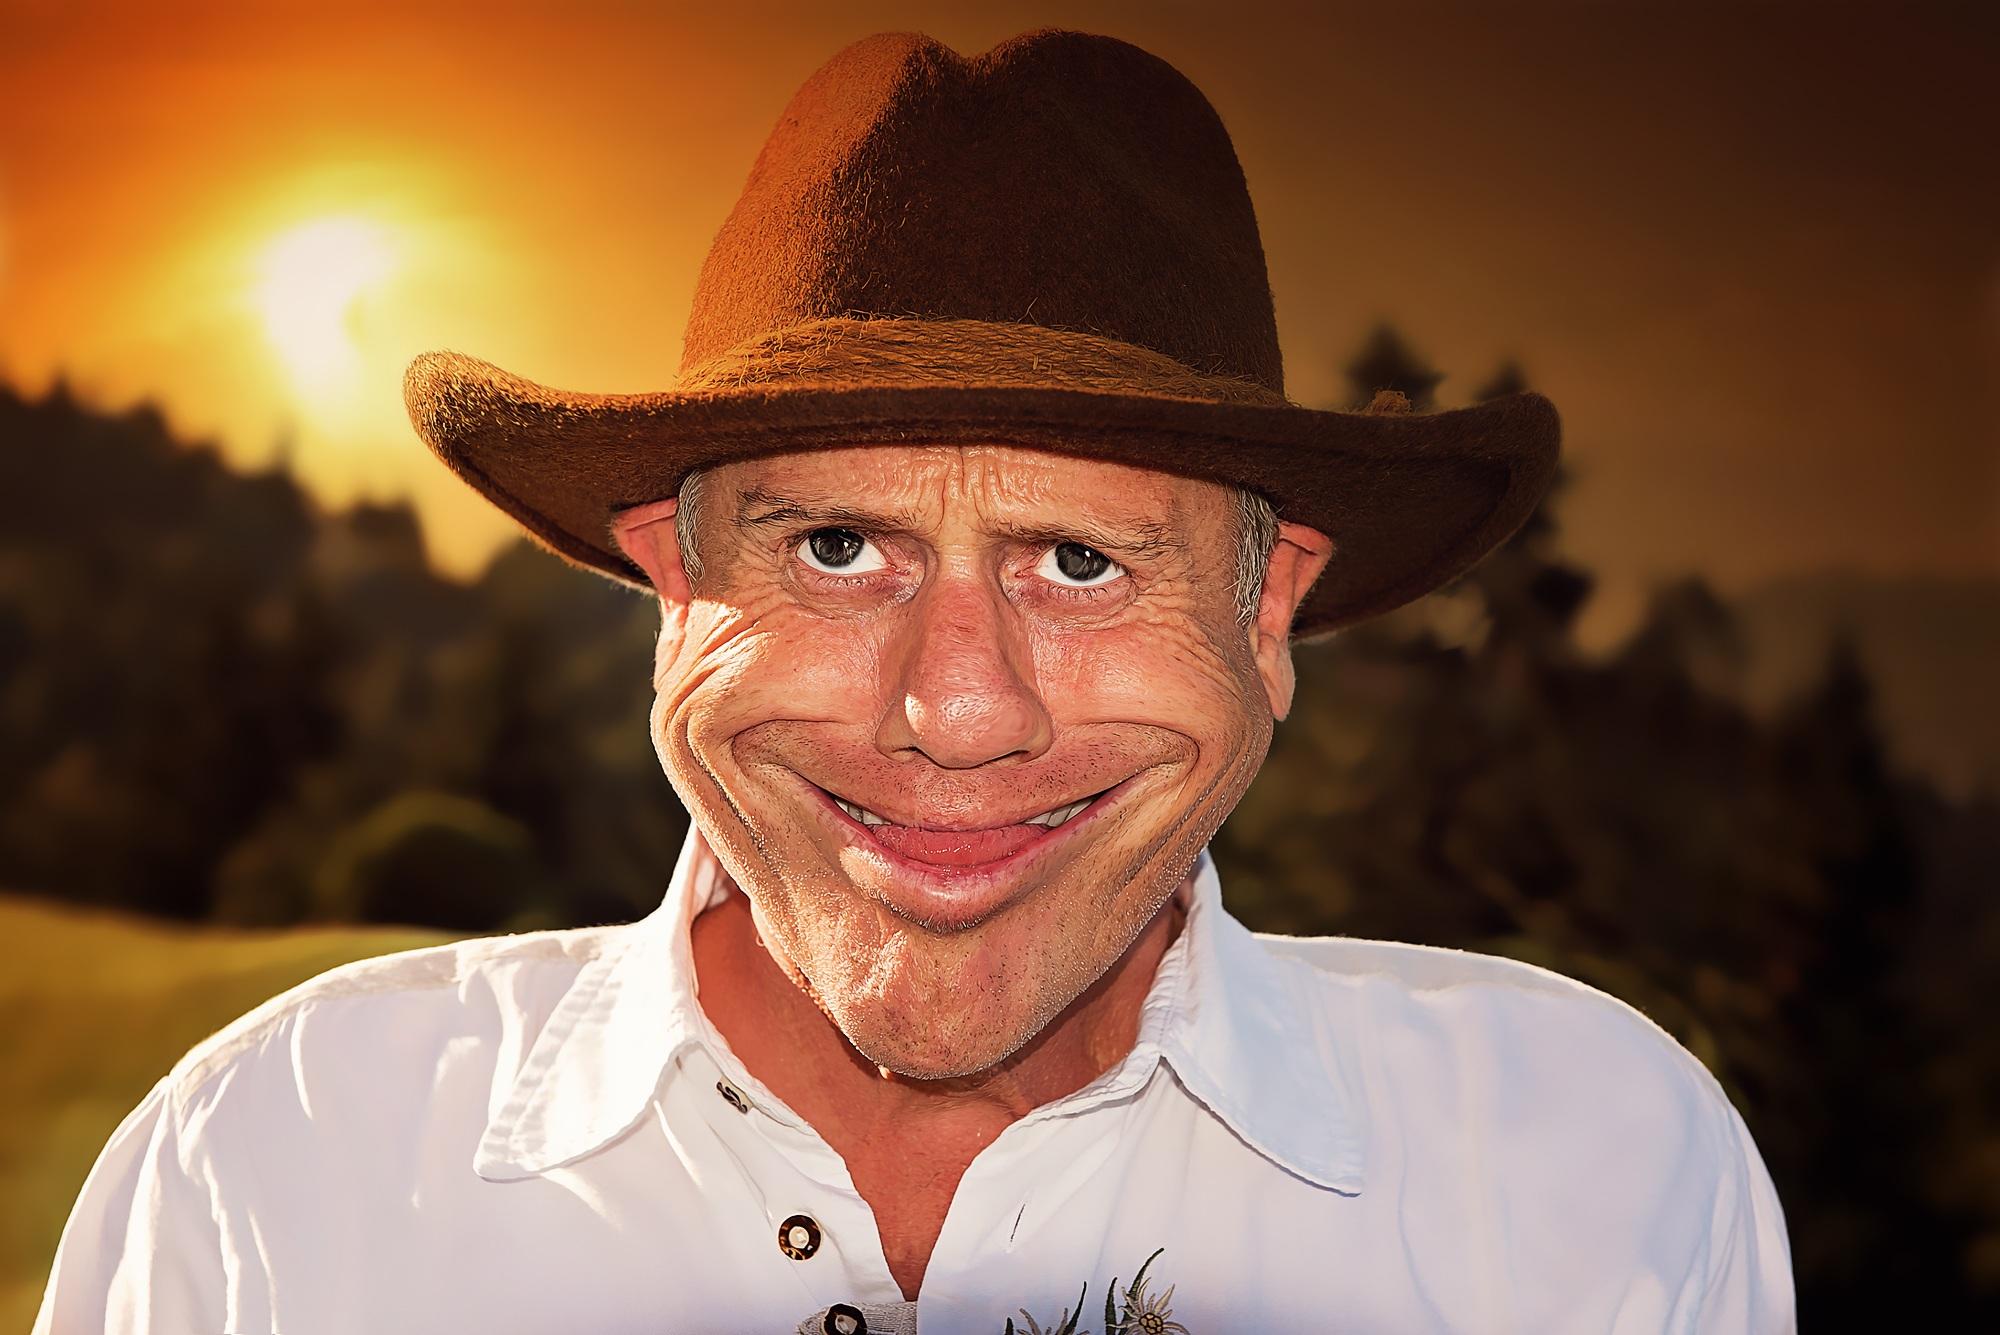 Gambar Manusia Orang Matahari Terbenam Pria Potret Topi